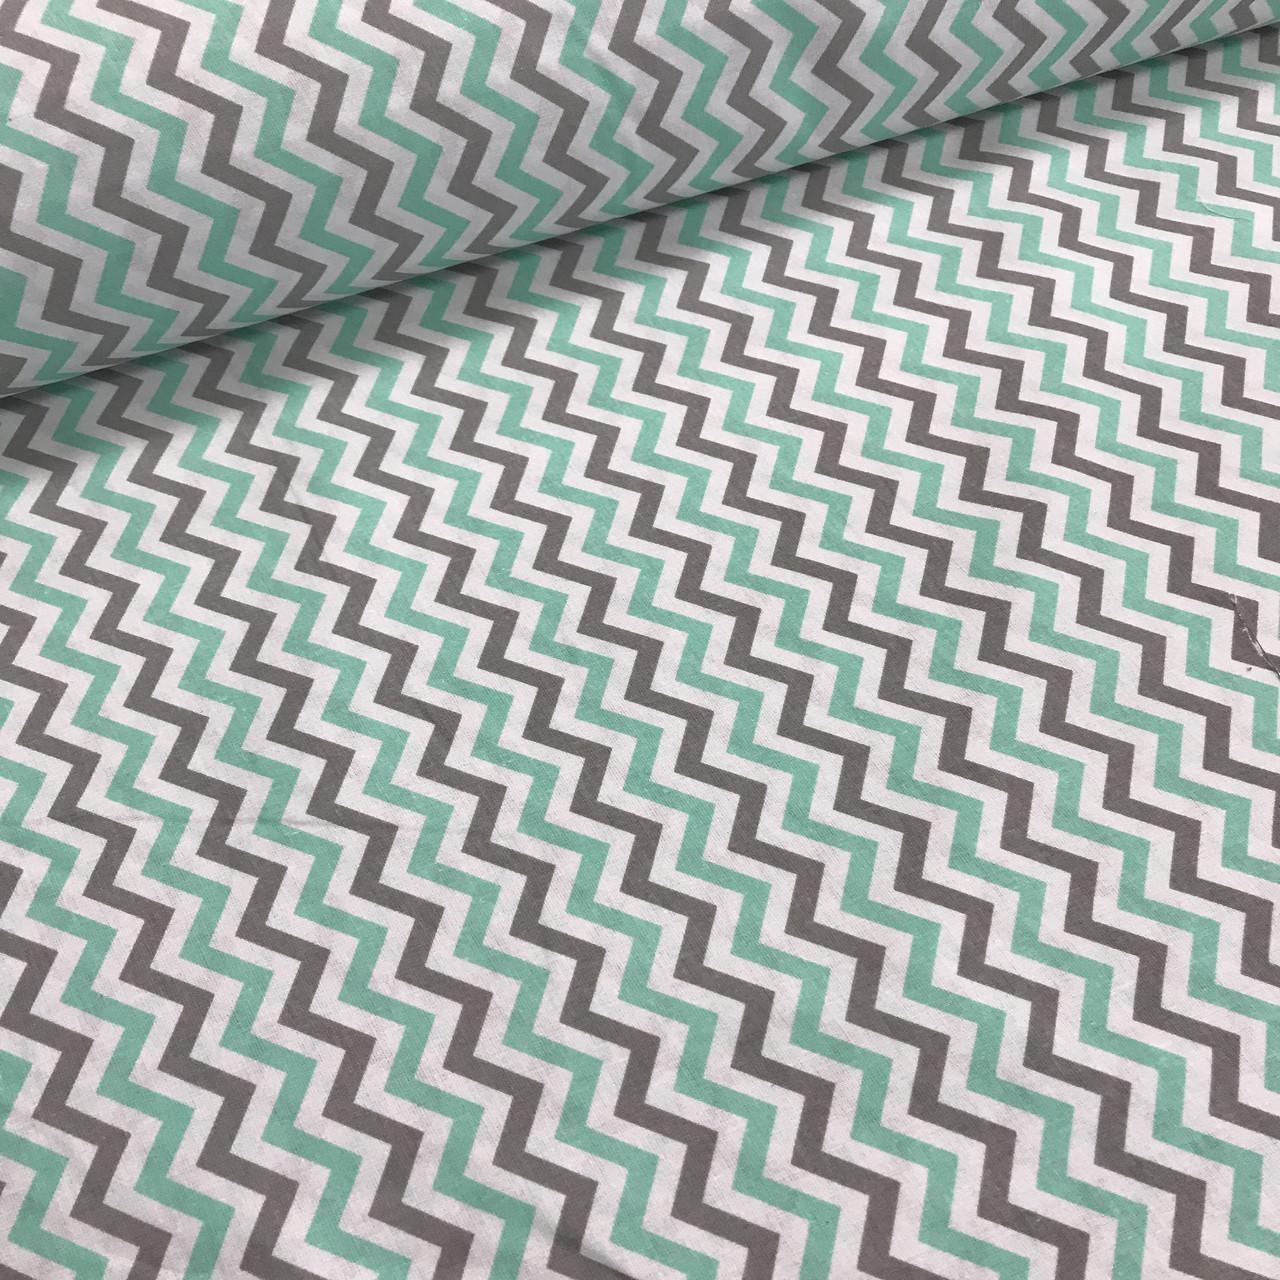 Хлопковая ткань польская зигзаг мятно-серый МЕЛКИЙ №61